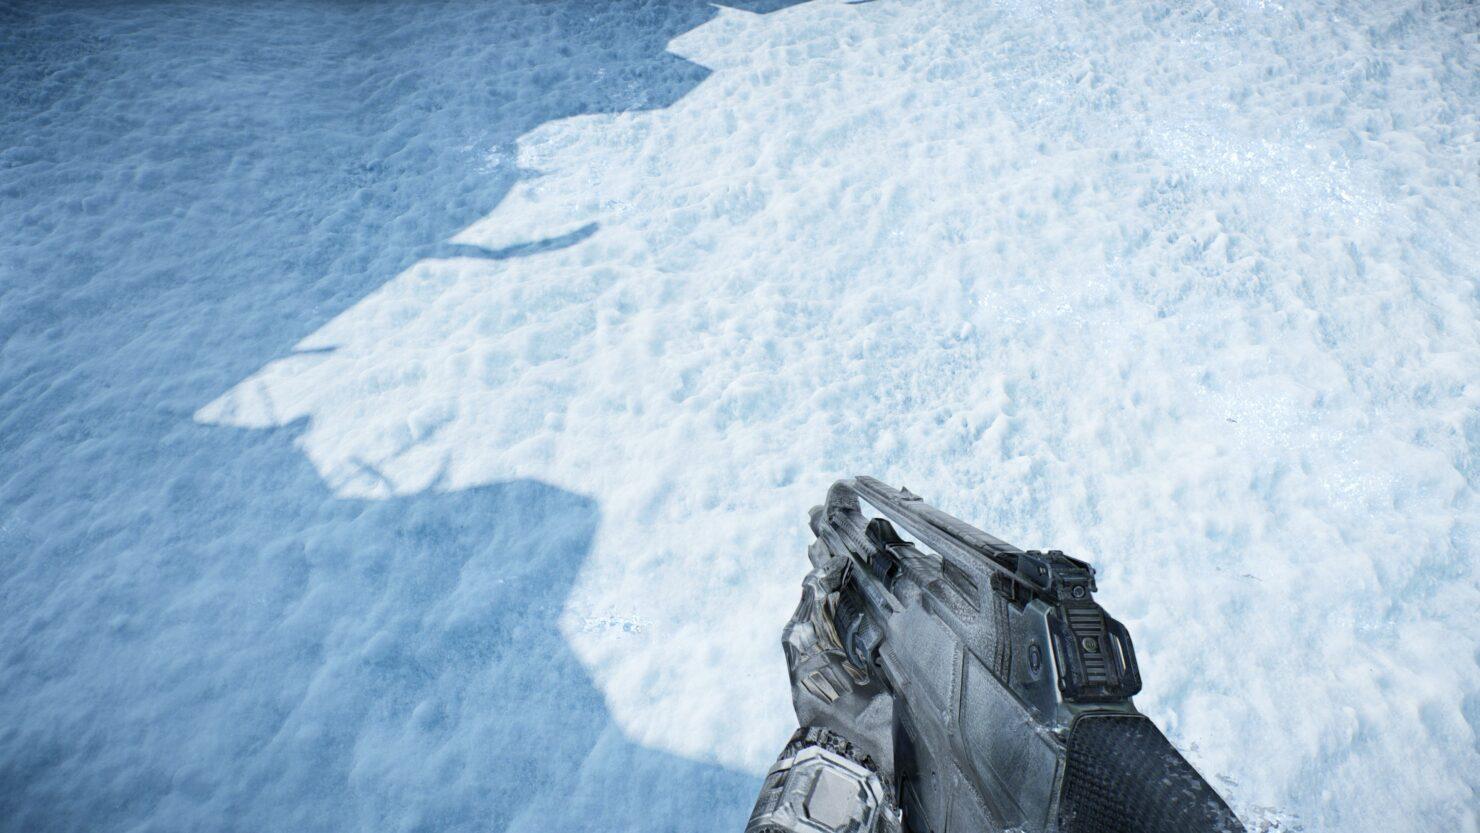 8k-parallaxed-snow_49958723323_o